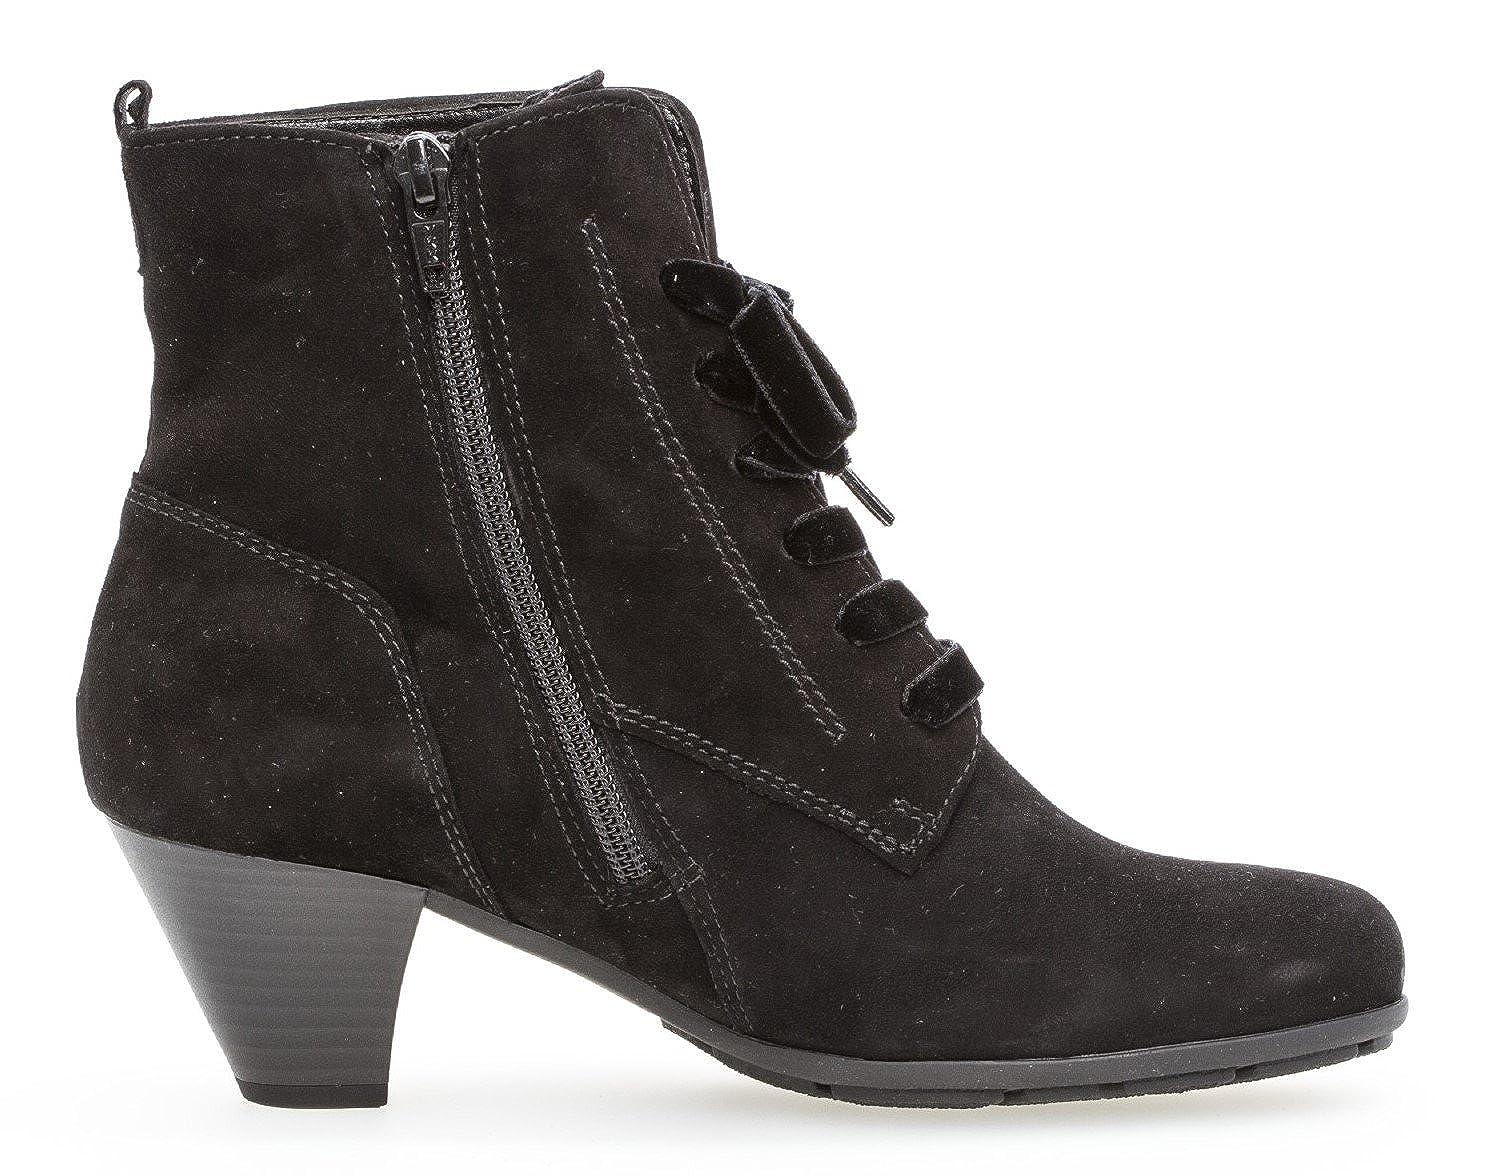 Gabor Damen Schnürstiefelette 95.641,Frauen Stiefel,Boots,Halbstiefel,Schnürboots,Bootie,hoch,Blockabsatz 5cm,F Weite (Normal)